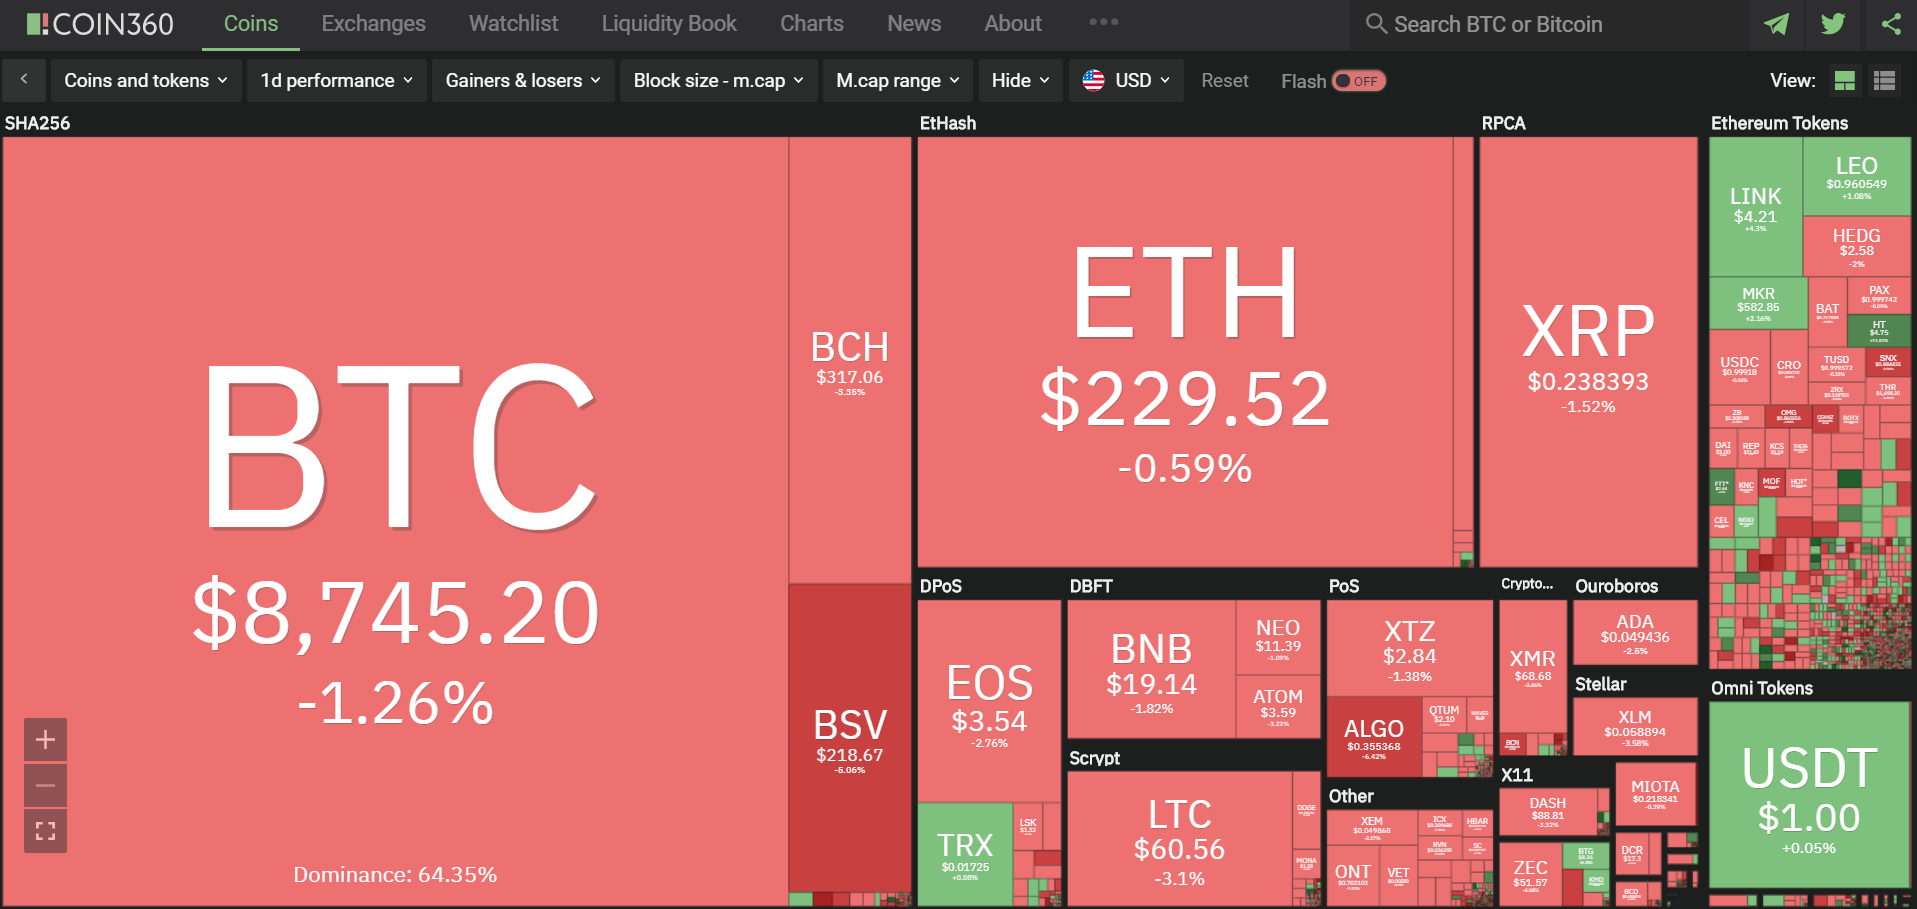 Toàn cảnh thị trường tiền kĩ thuật số hôm nay (29/2) (Nguồn: Coin360.com)